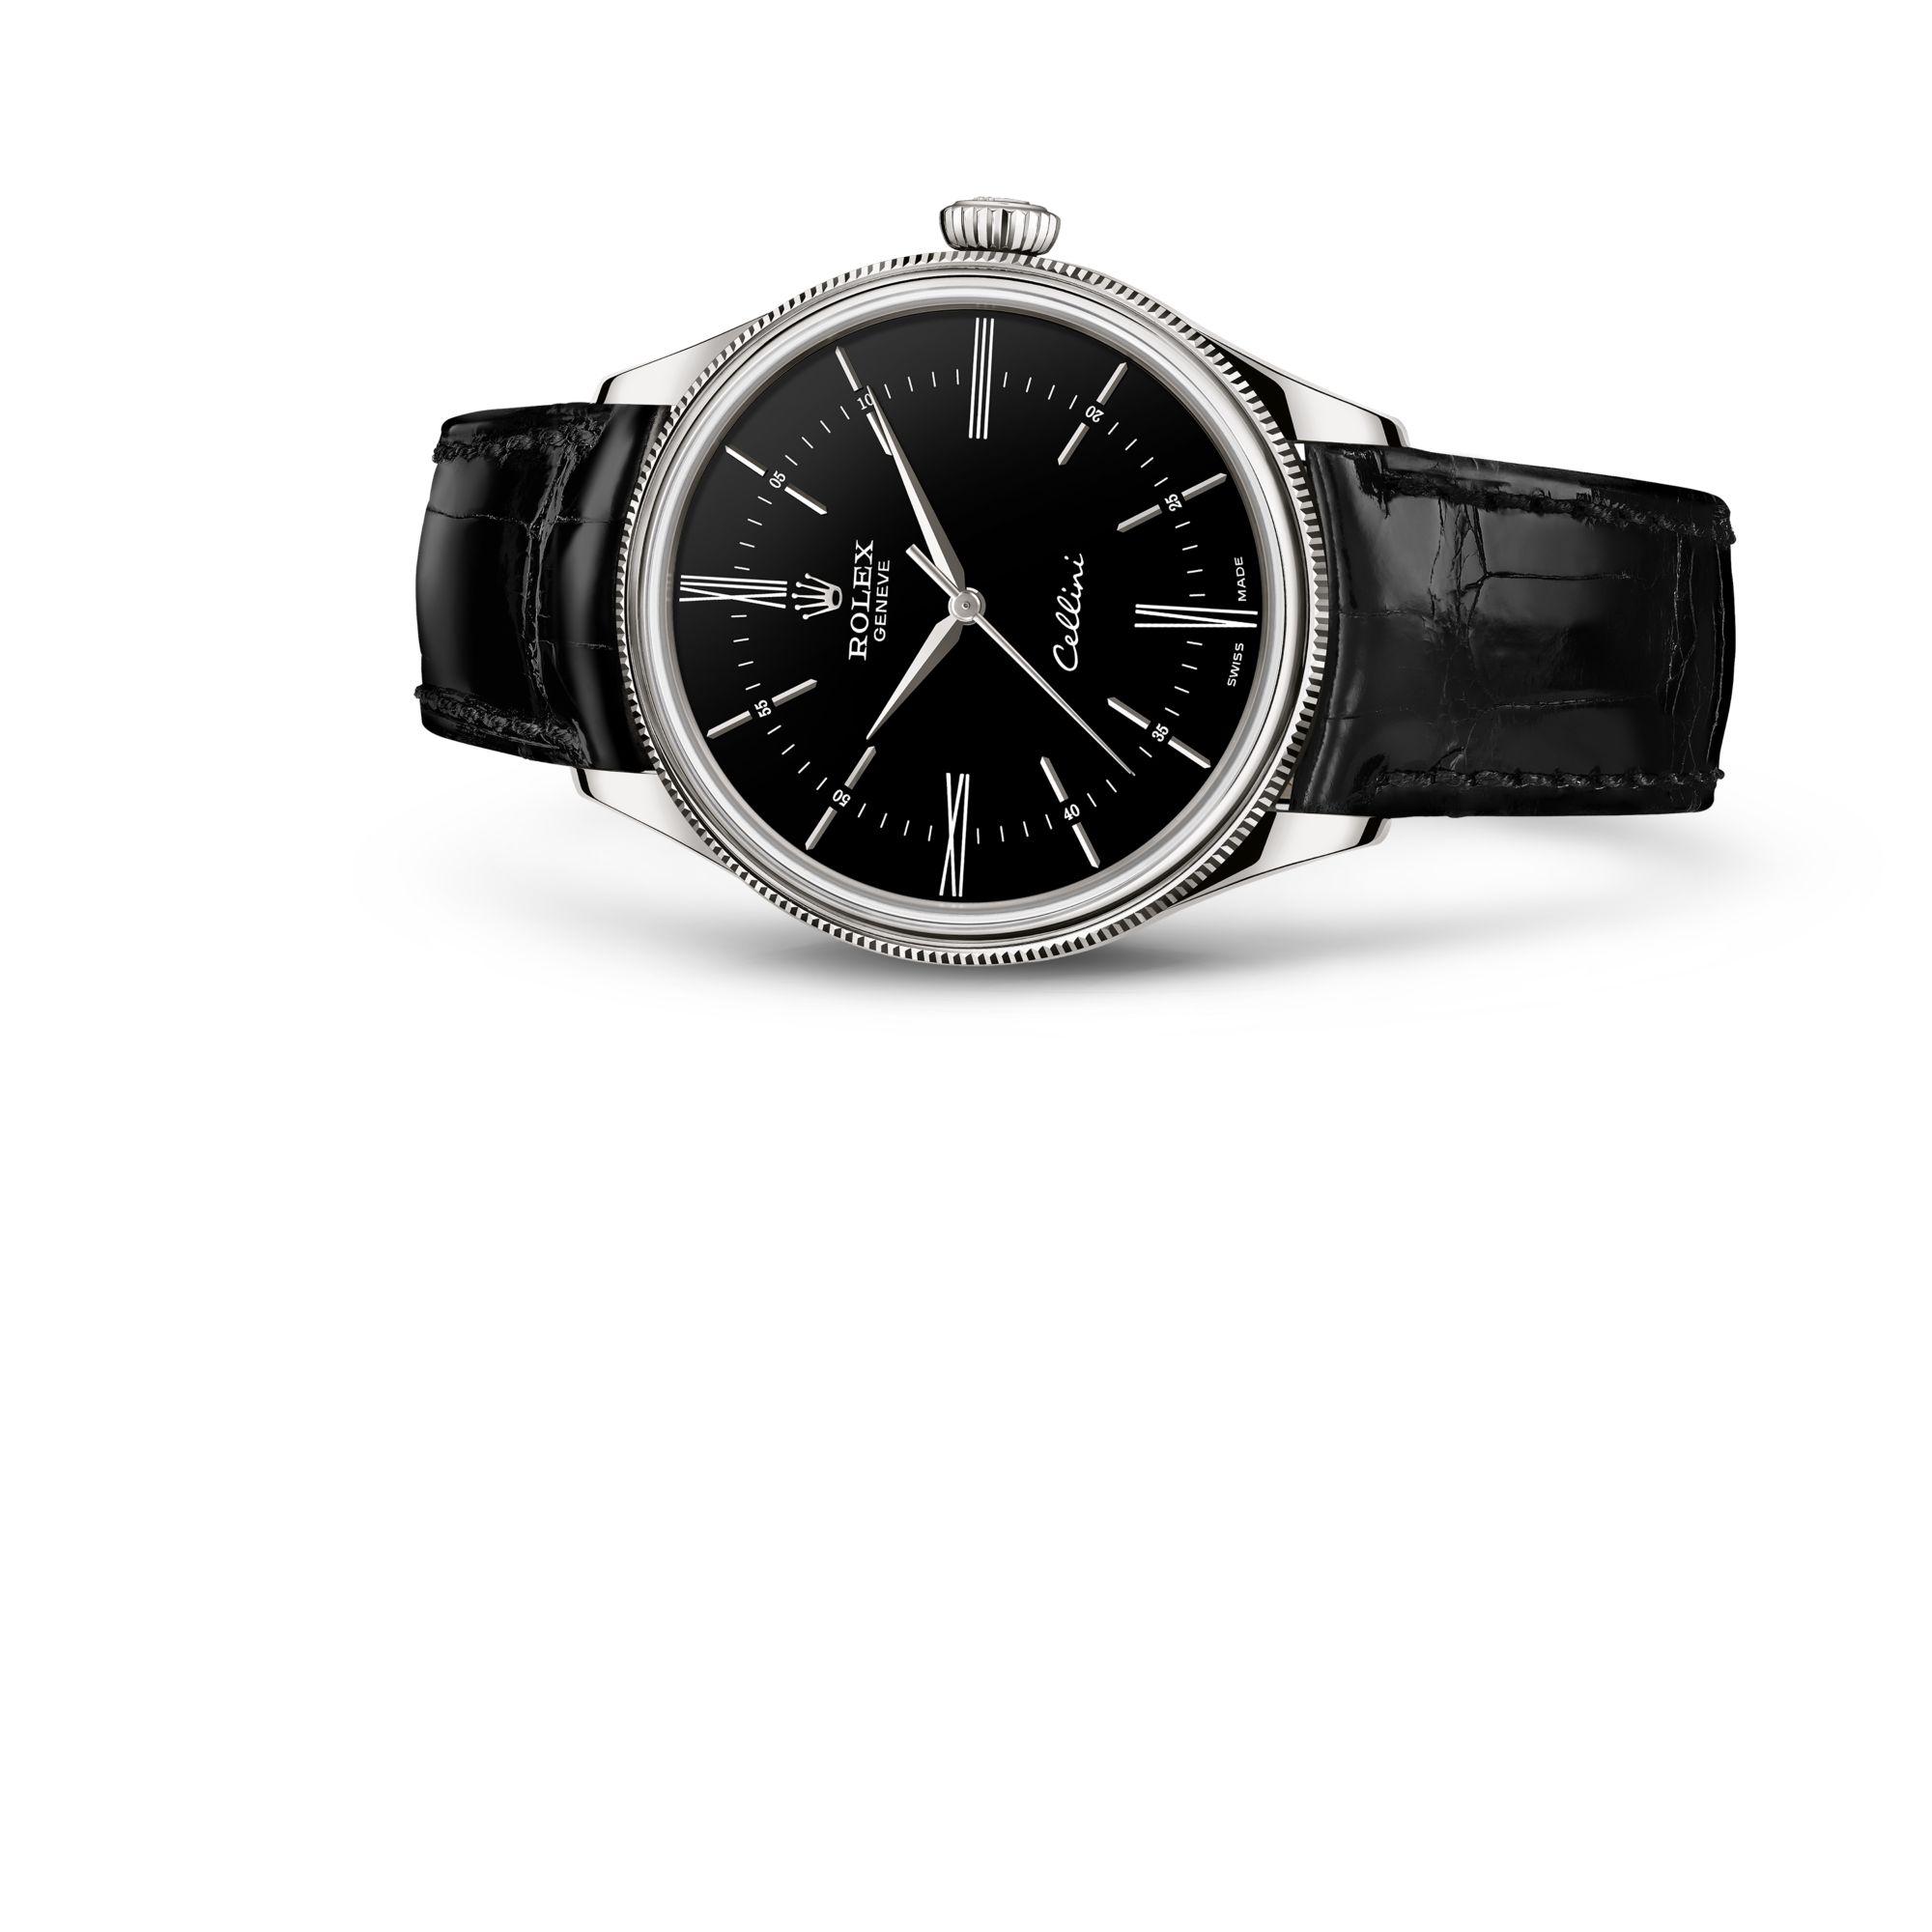 Rolex Cellini Time M50509-0006